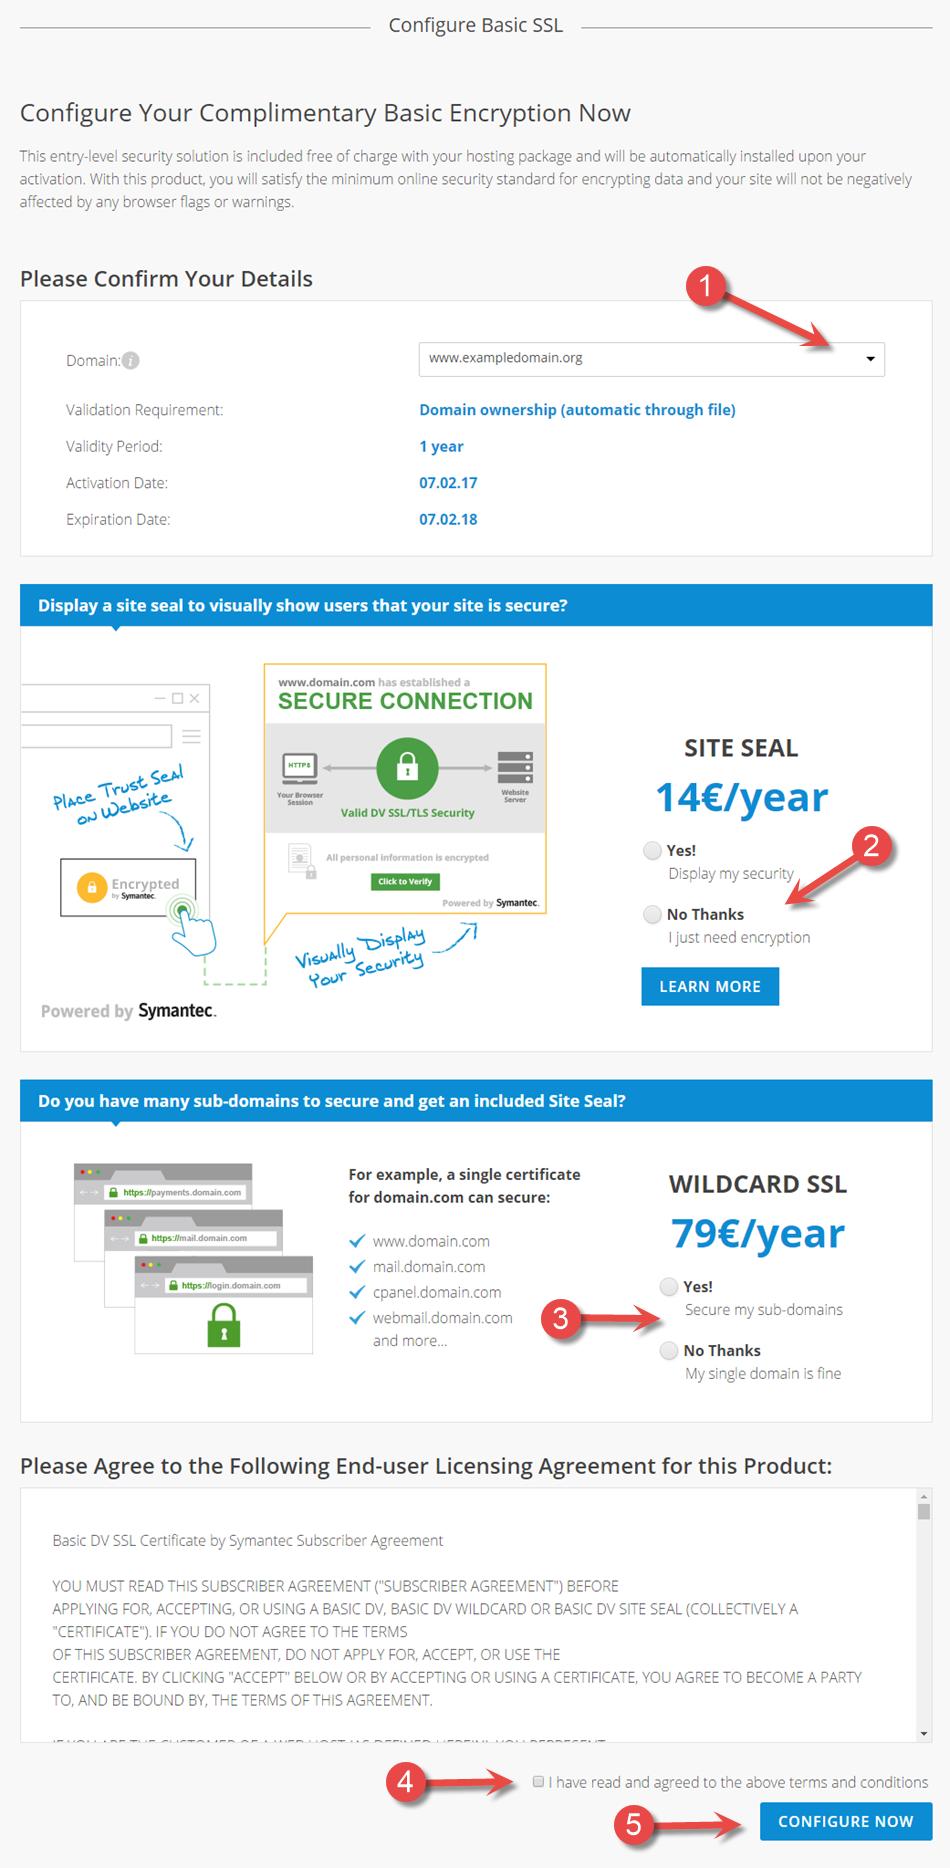 Konfigurasjon av Basis SSL via kundesidene